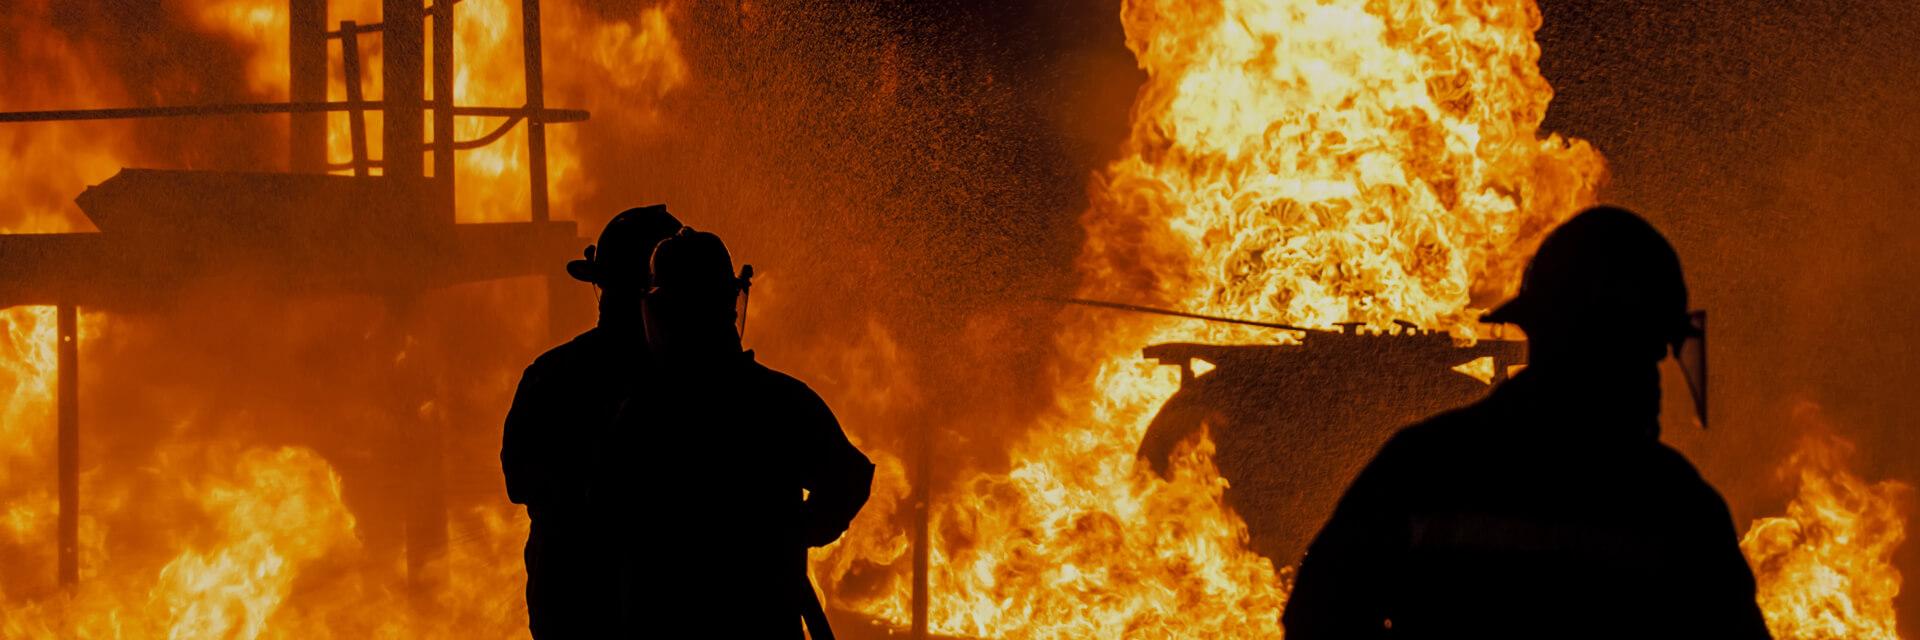 Пожаротушение Боритесь с огнем и спасайте жизни, облегчив свою работу и улучшив мобильность.